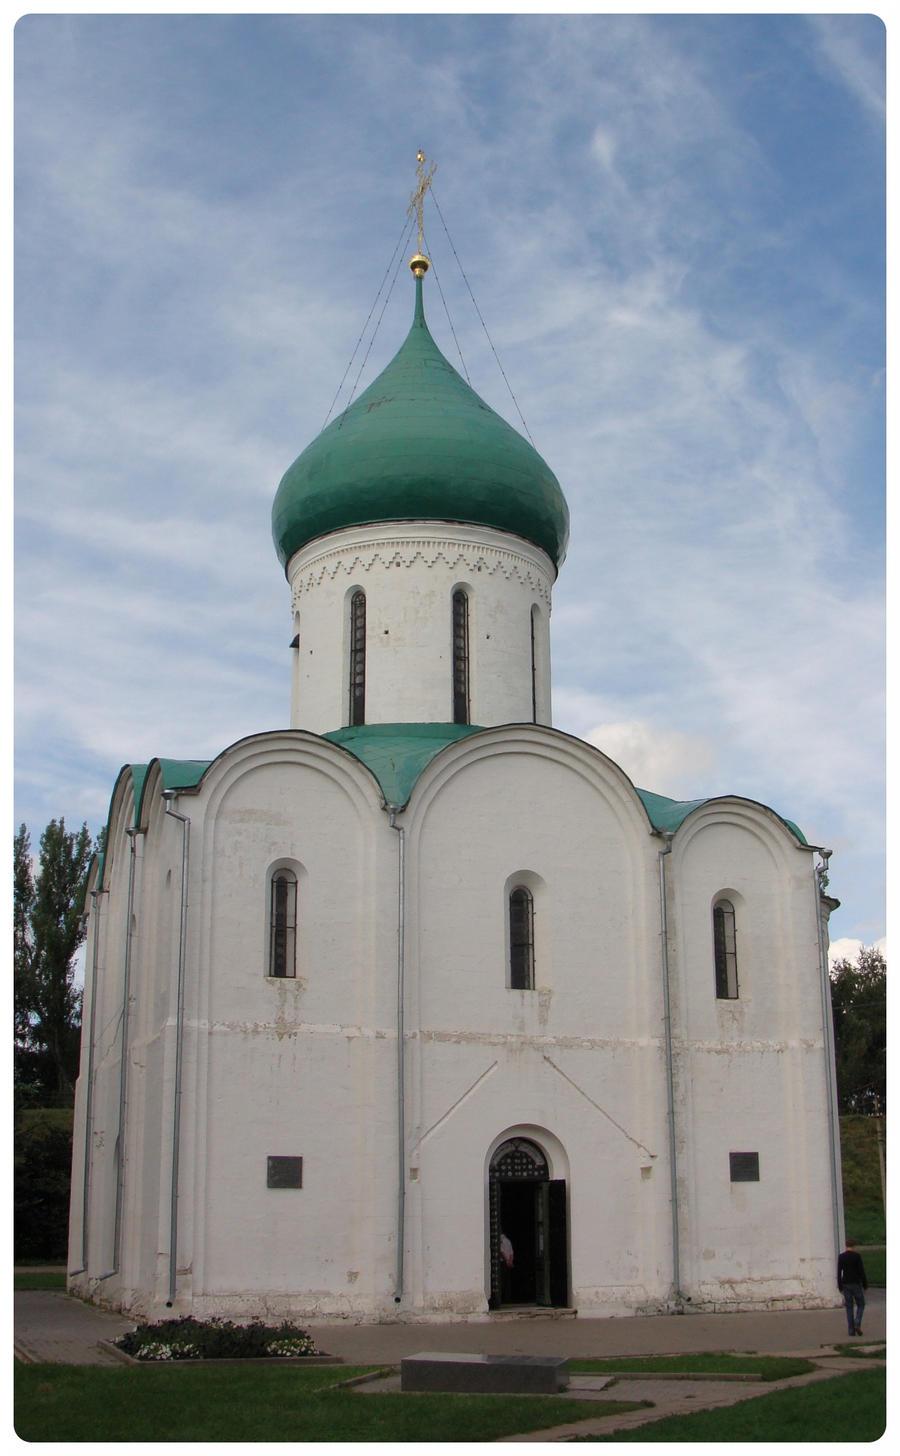 Pereslavl-Zalesskiy - 1 by chur